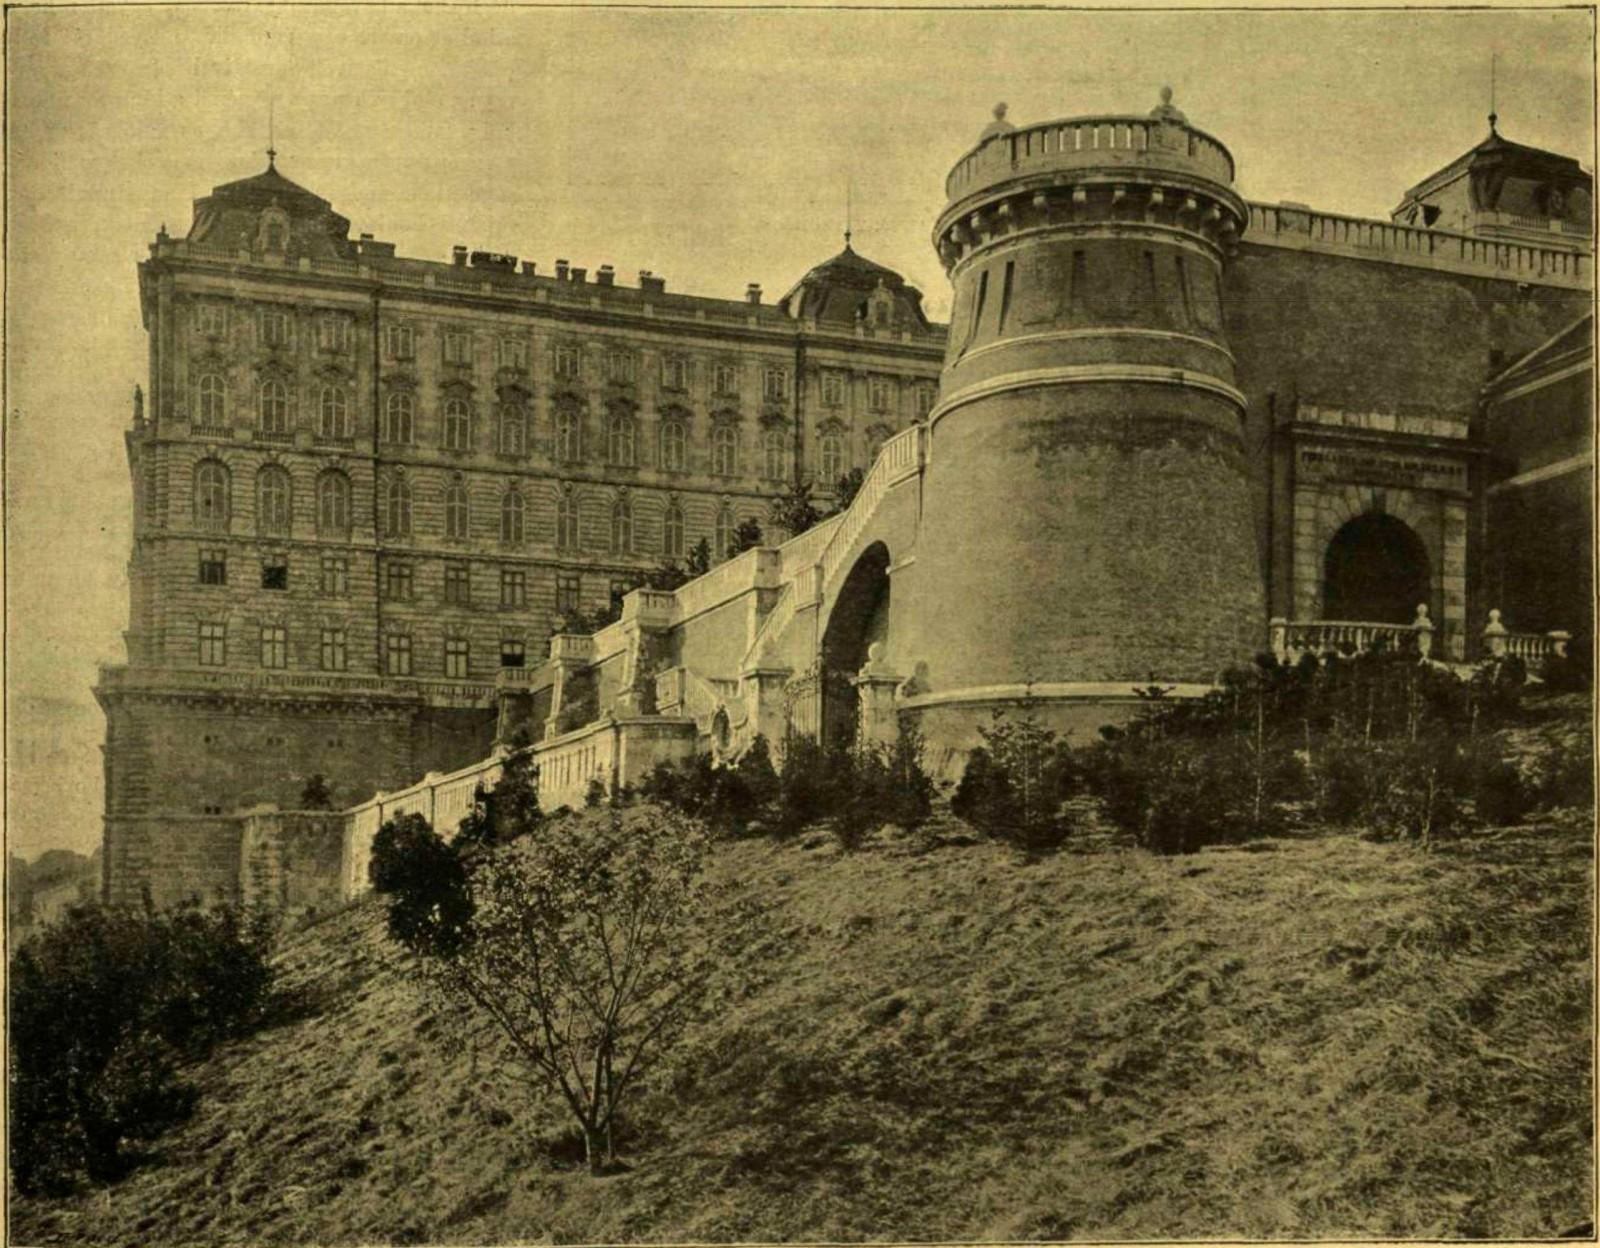 budapest-i-kerulet-budai-var-buzogany-torony-_15.jpg